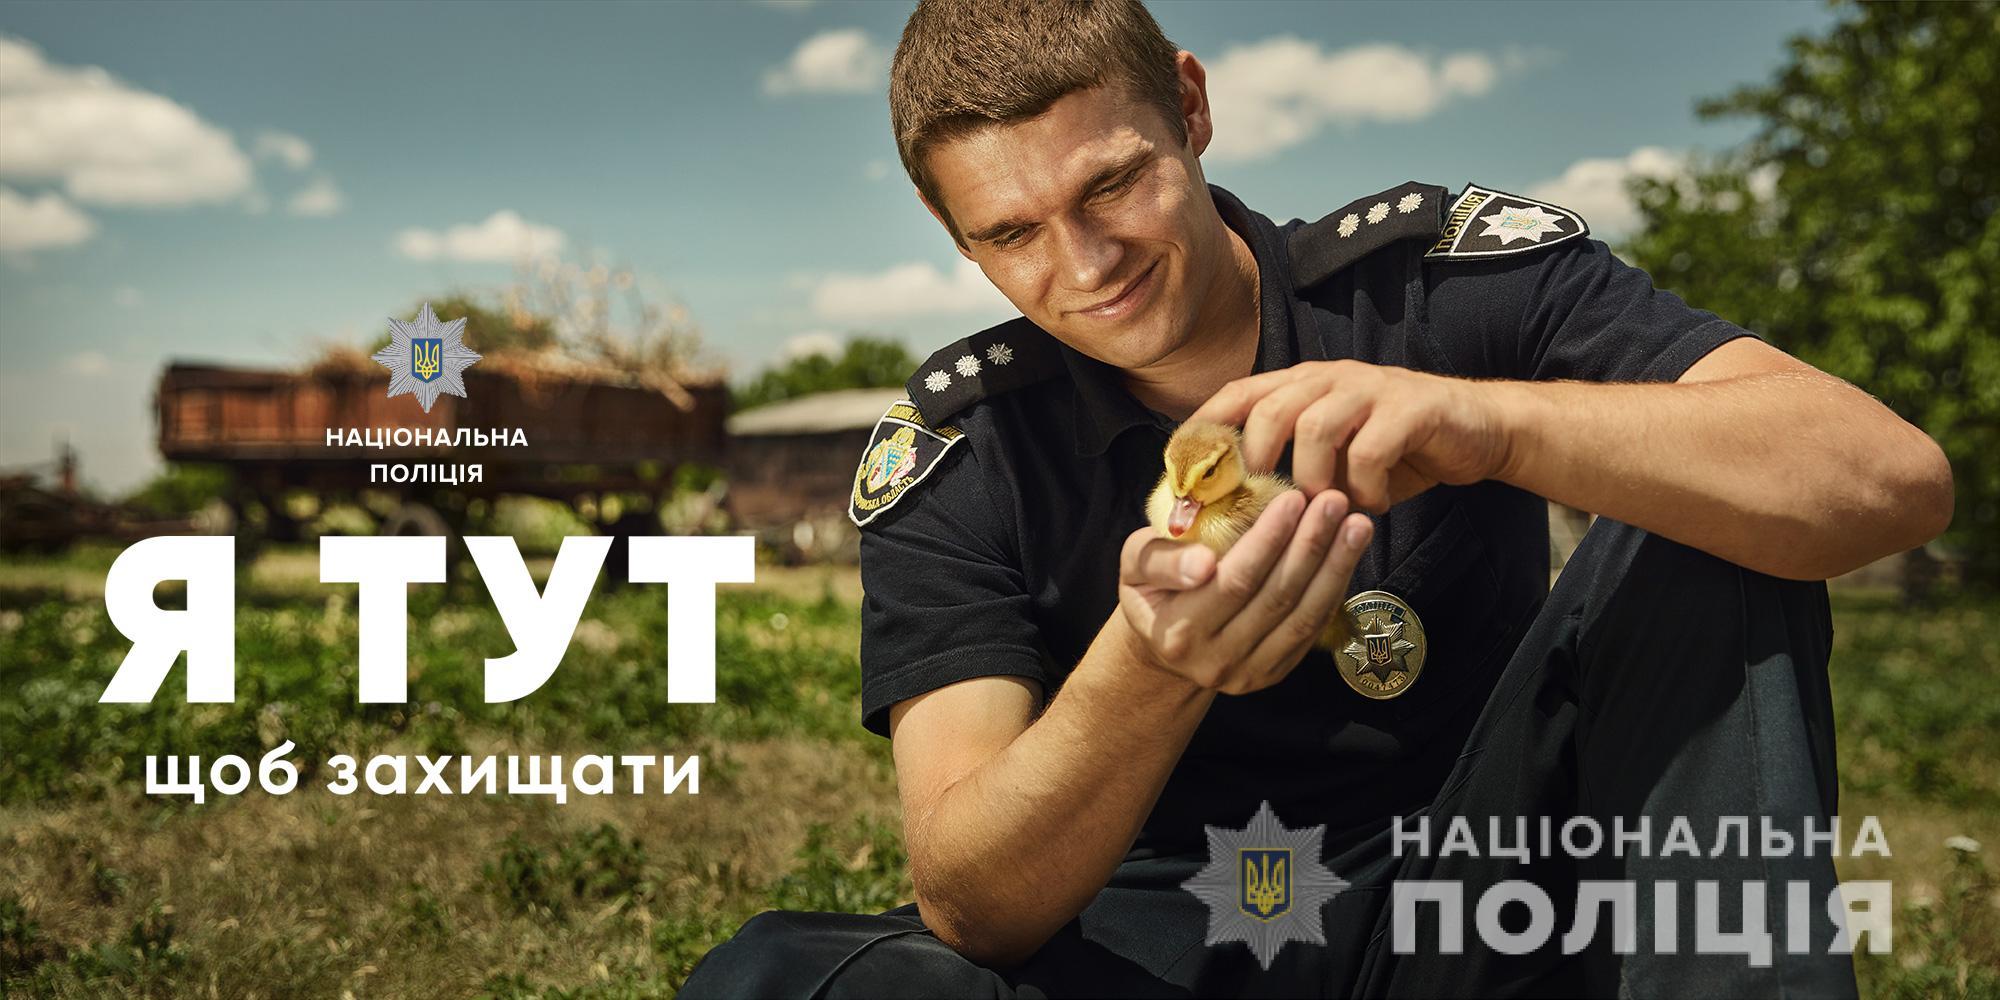 поліцейський офіцер громади, пілотний проект, поліцейська станція